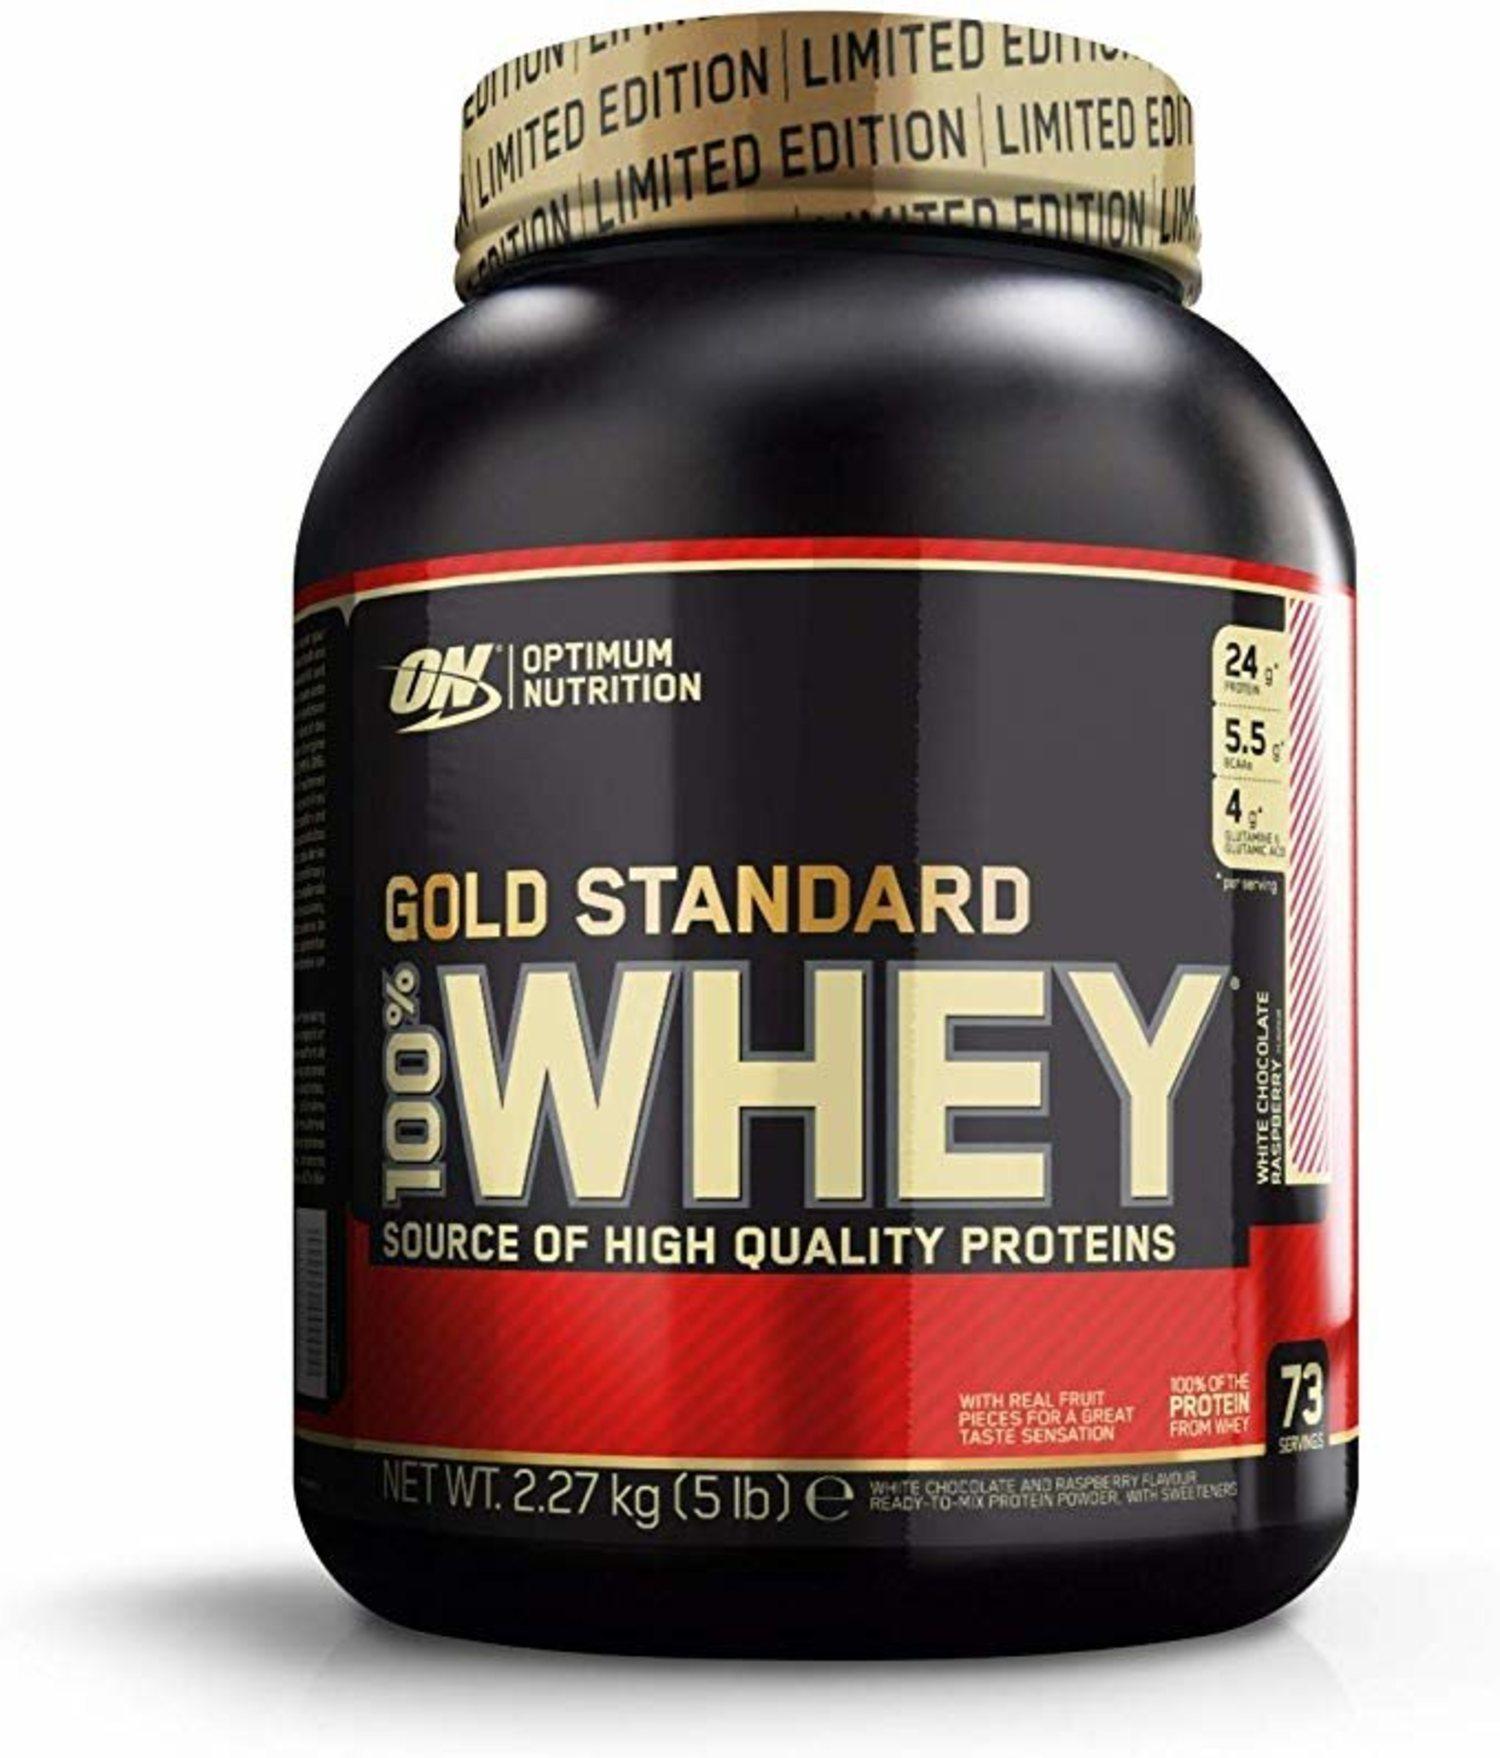 Chocolate blanco, fresa, mantequilla de cacahuete o caramelo son algunos de los sabores de la proteína de Optimum Nutrition.